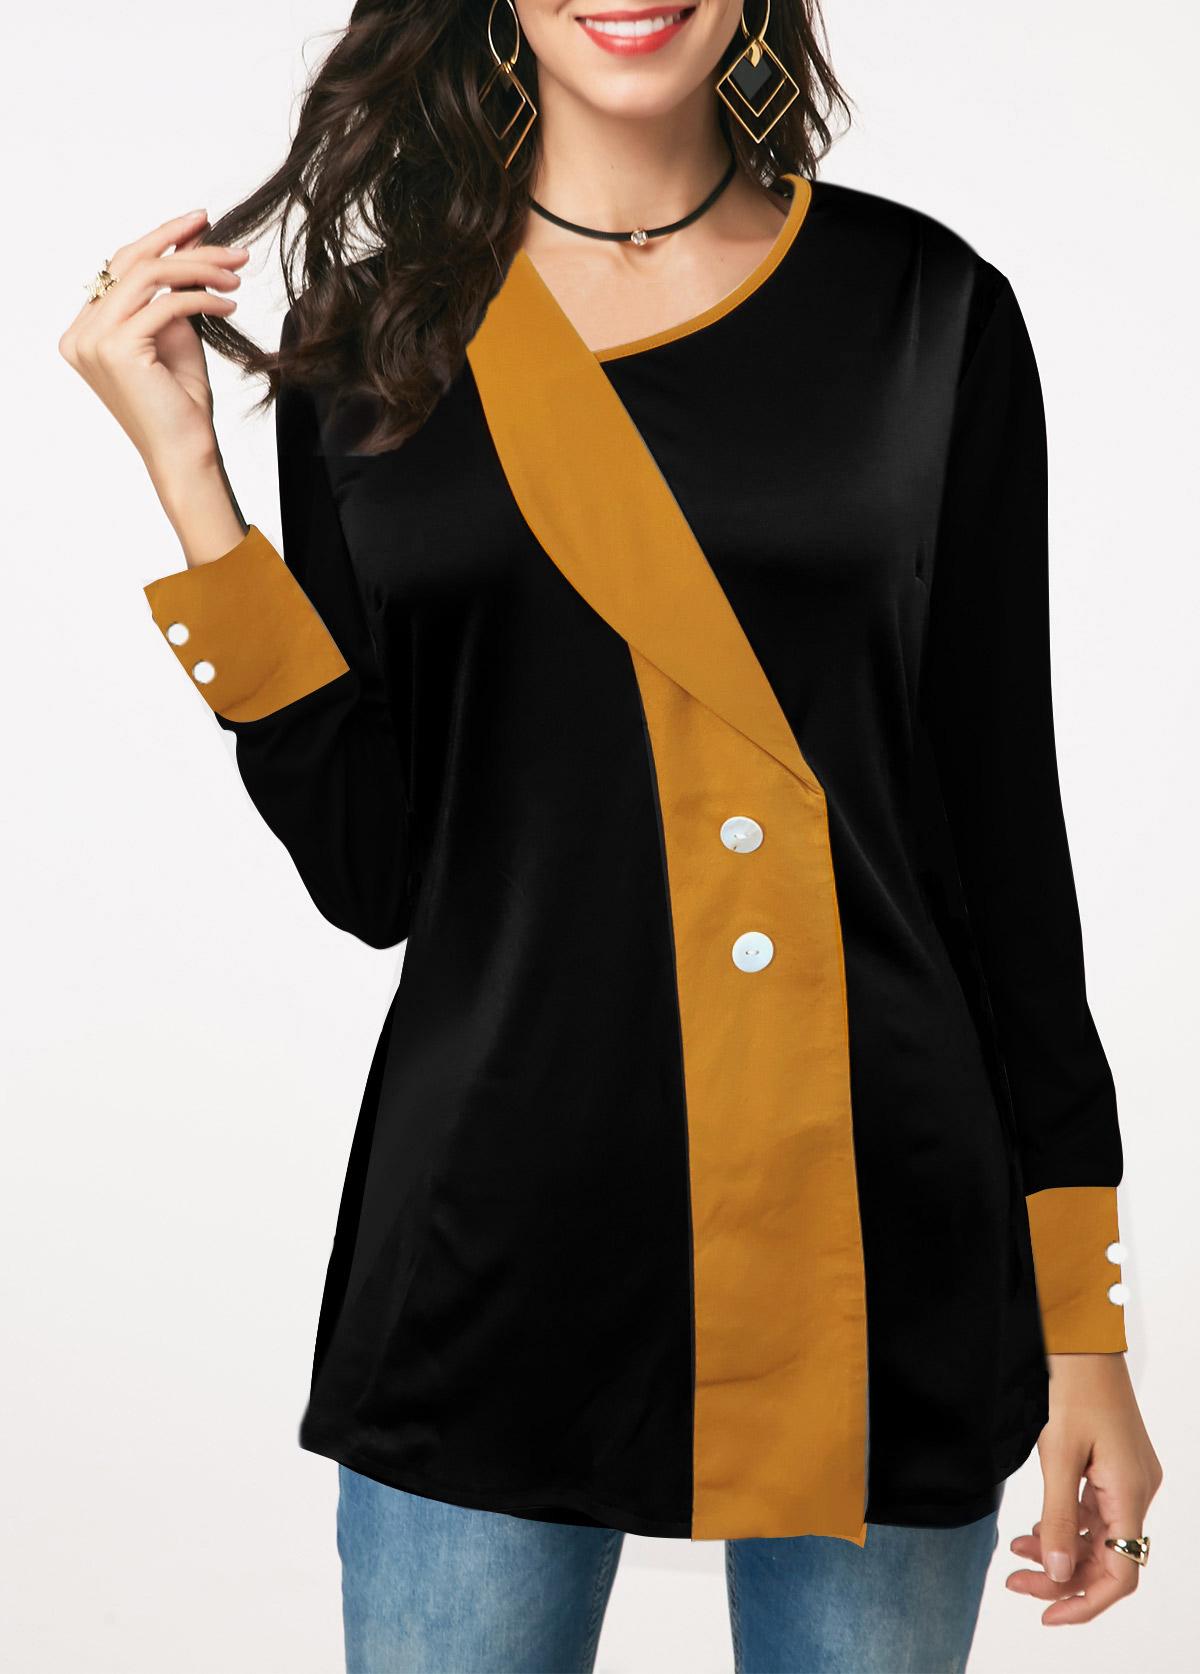 Button Detail Asymmetric Neckline Contrast Panel T Shirt